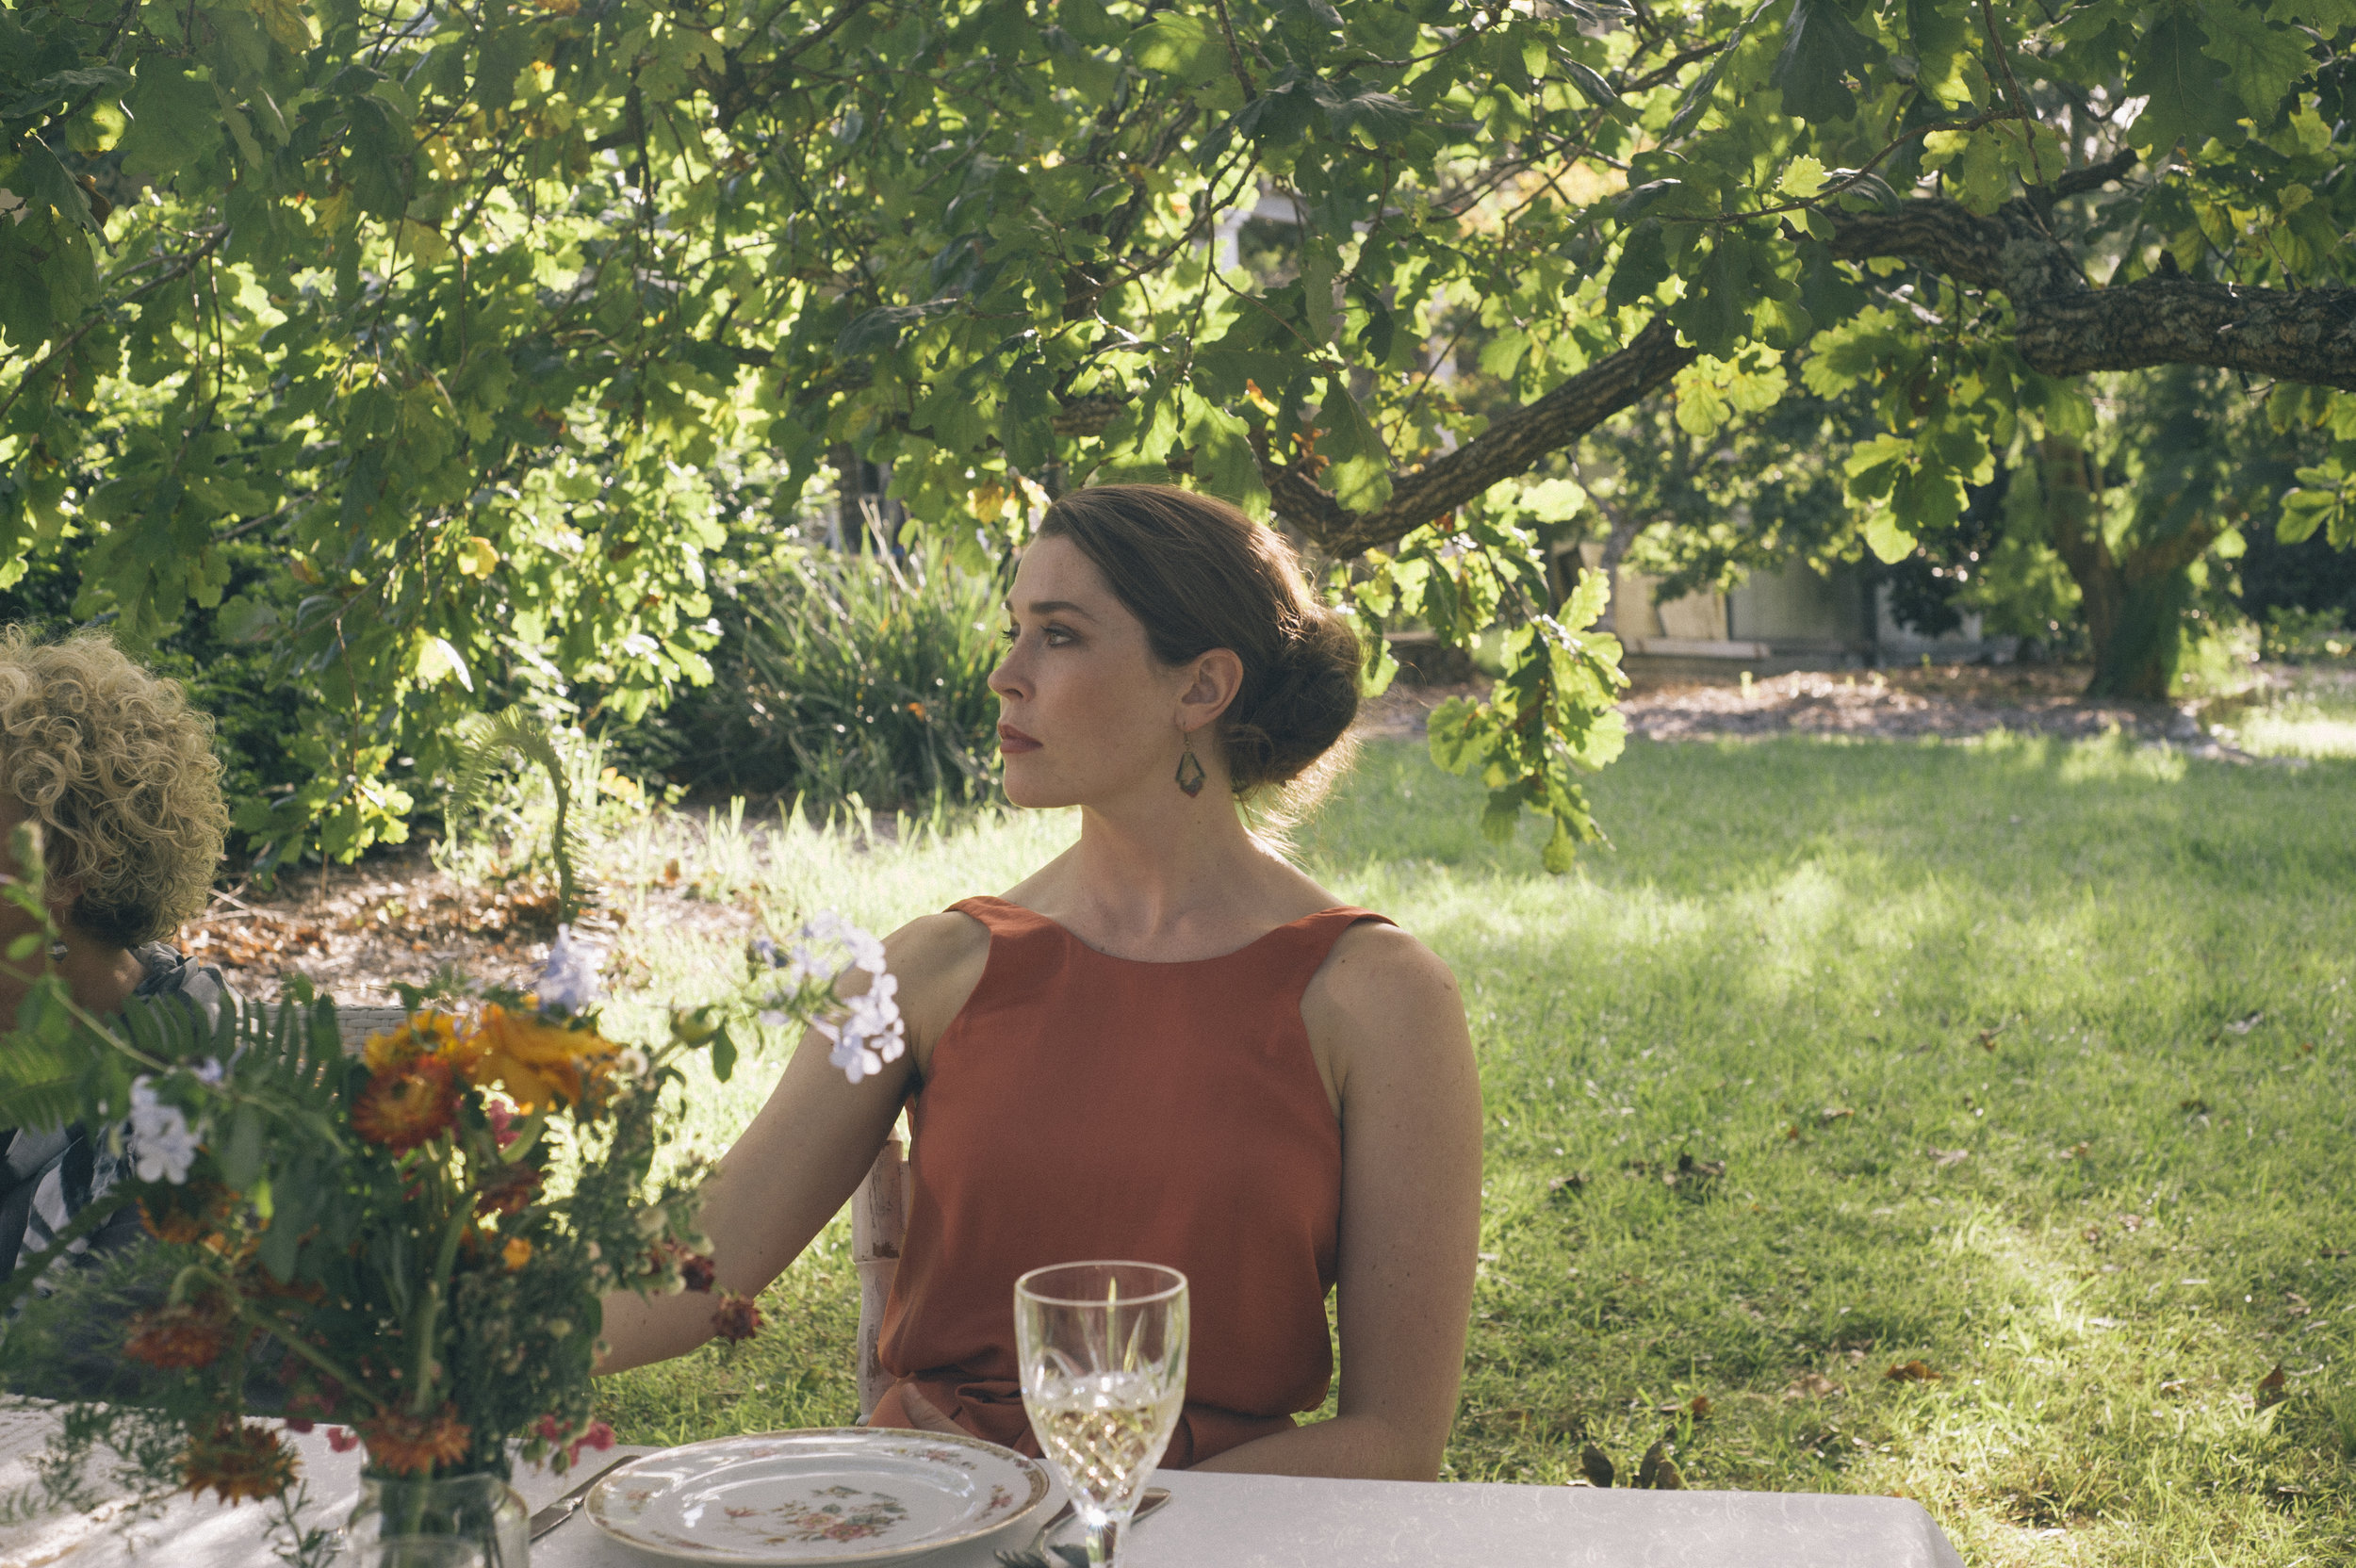 THE GREENHOUSE_Jane Watt_Photo by Sarah Wilson.jpg